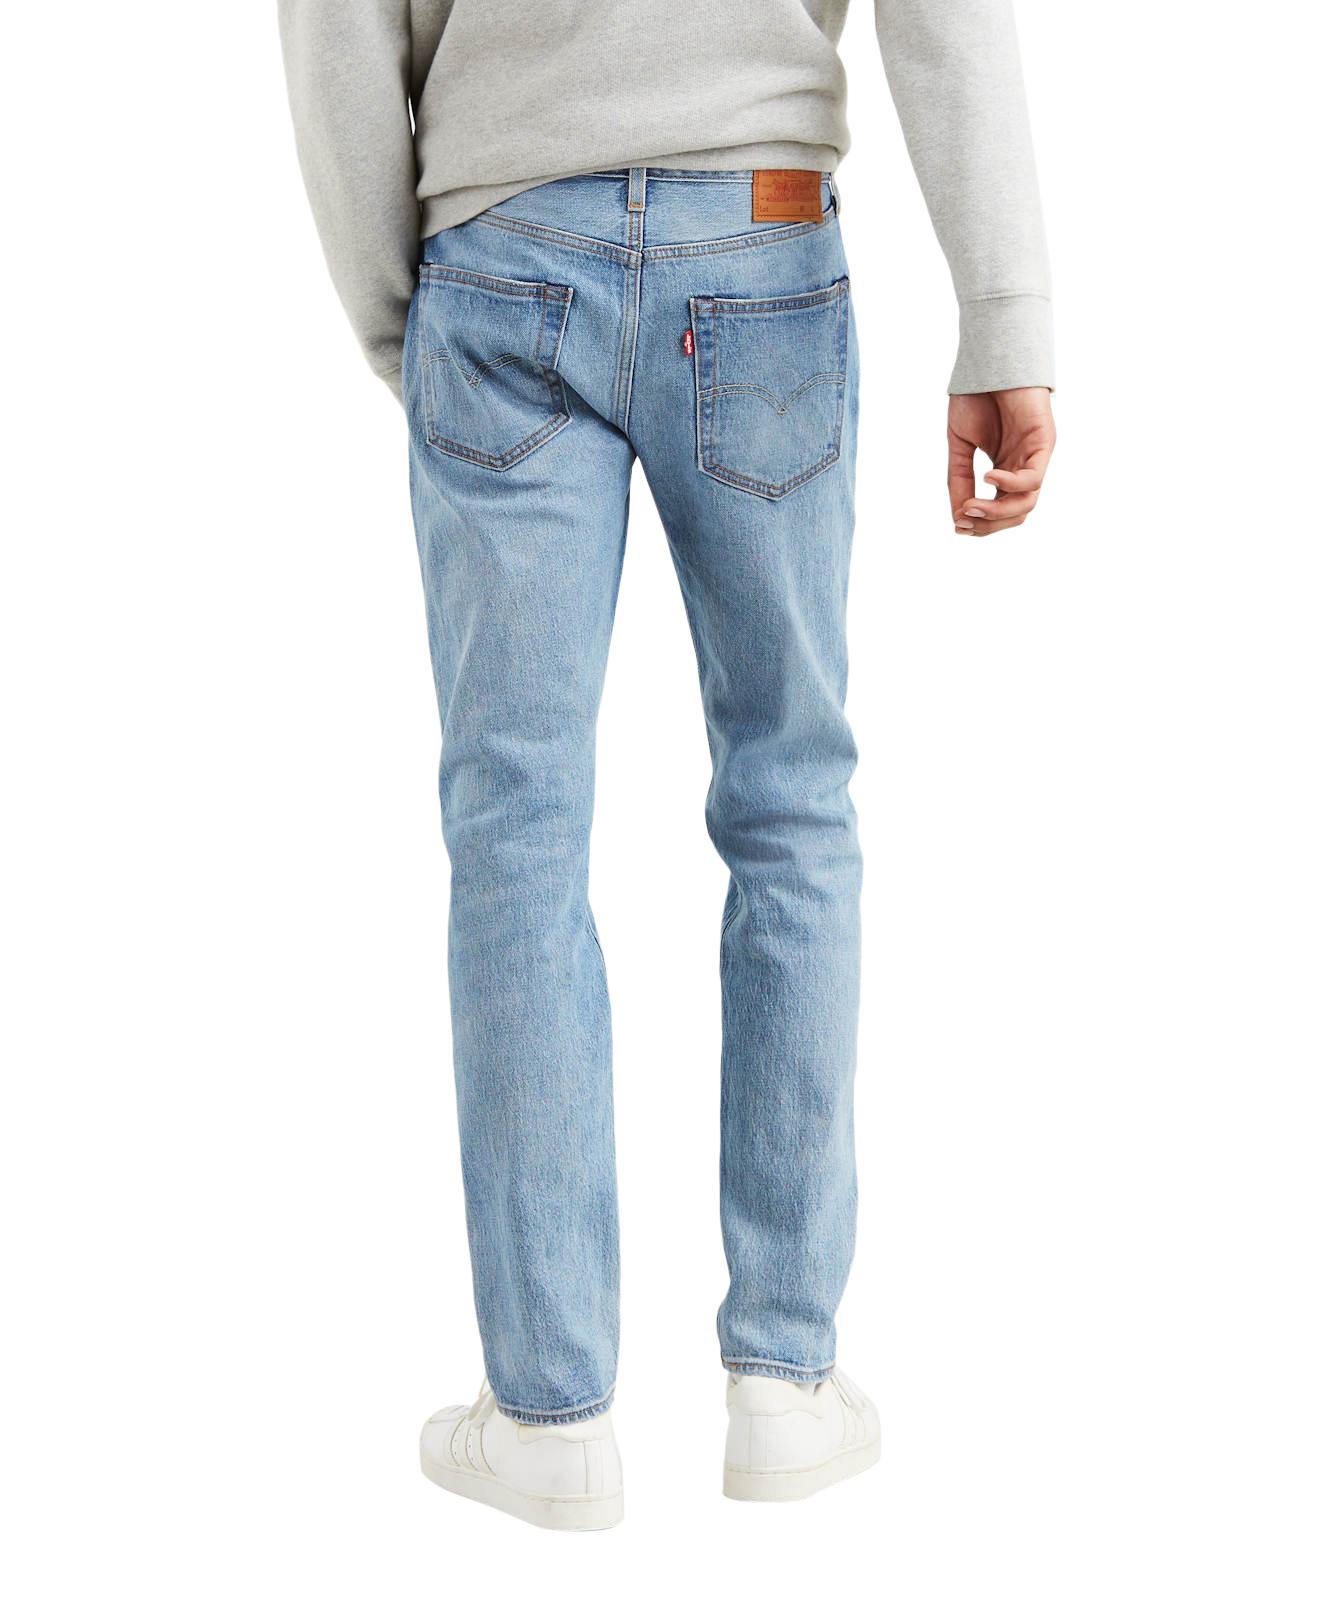 neu billig Wert für Geld professionelle Website Details about Levi´s ® 501 Jeans SKINNY Fit Herren South West Stretch Denim  34268-0060 Levis